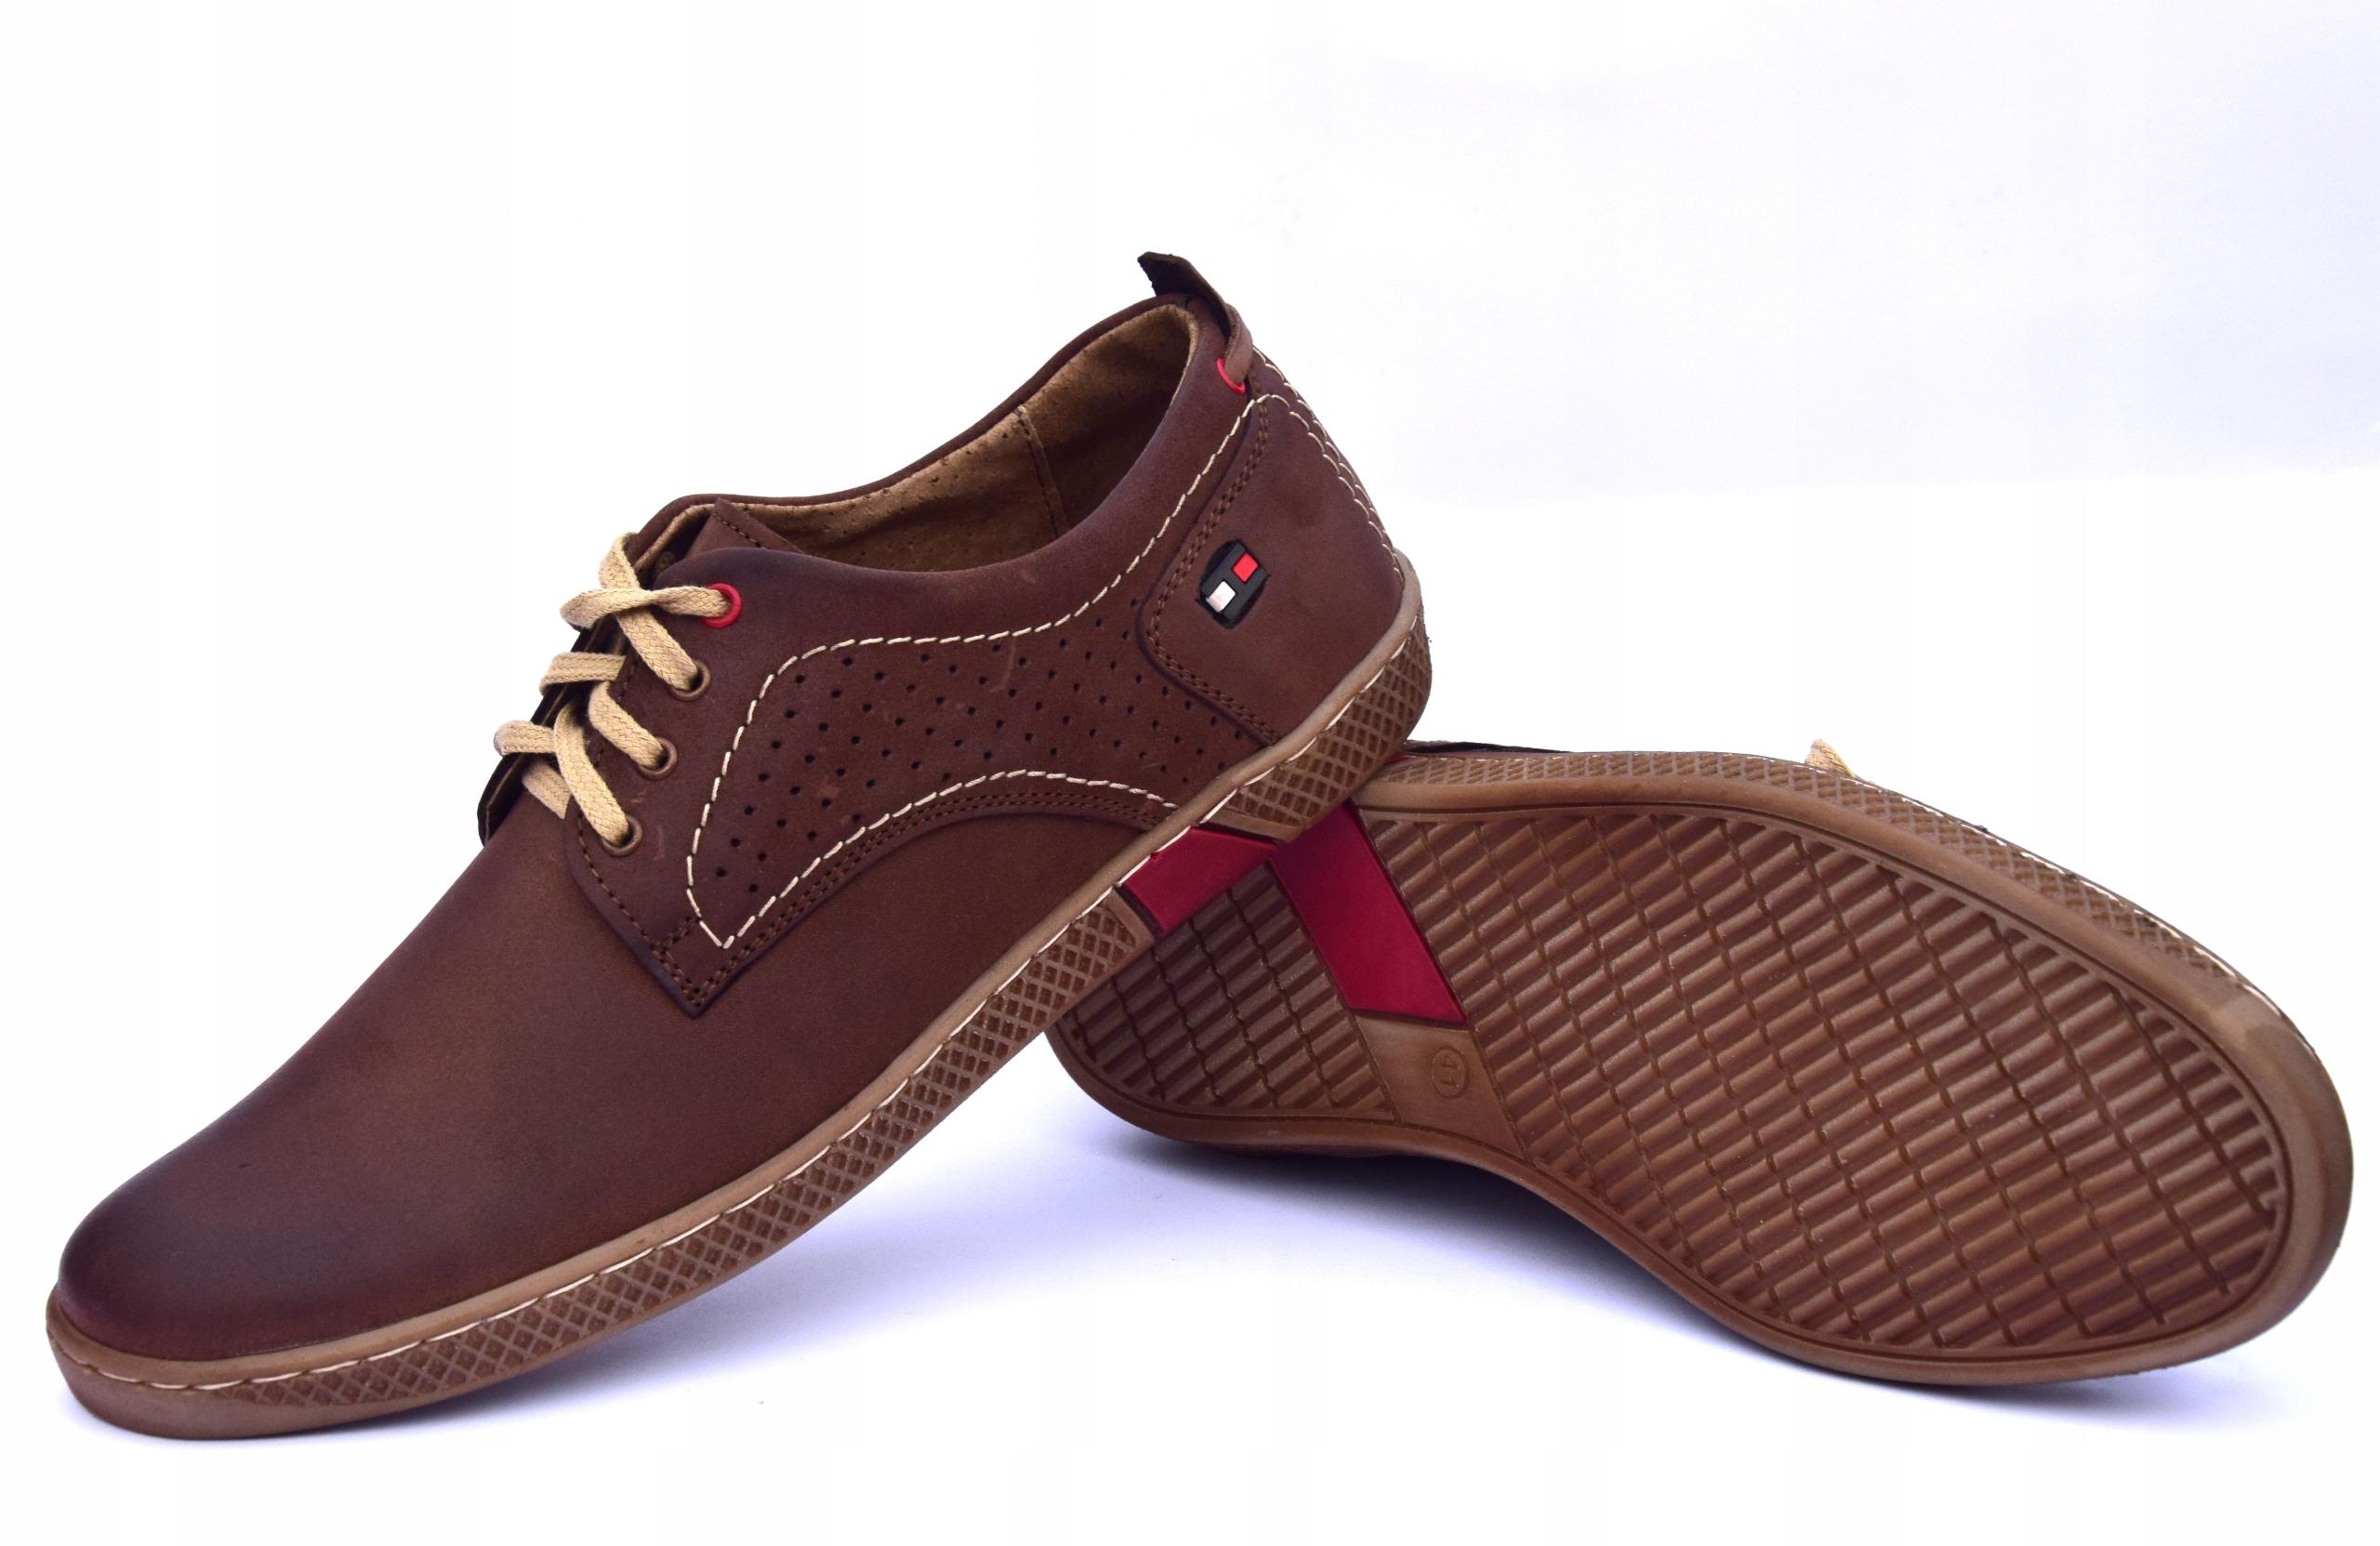 Półbuty skórzane męskie brązowe buty polskie 302 Oryginalne opakowanie producenta pudełko